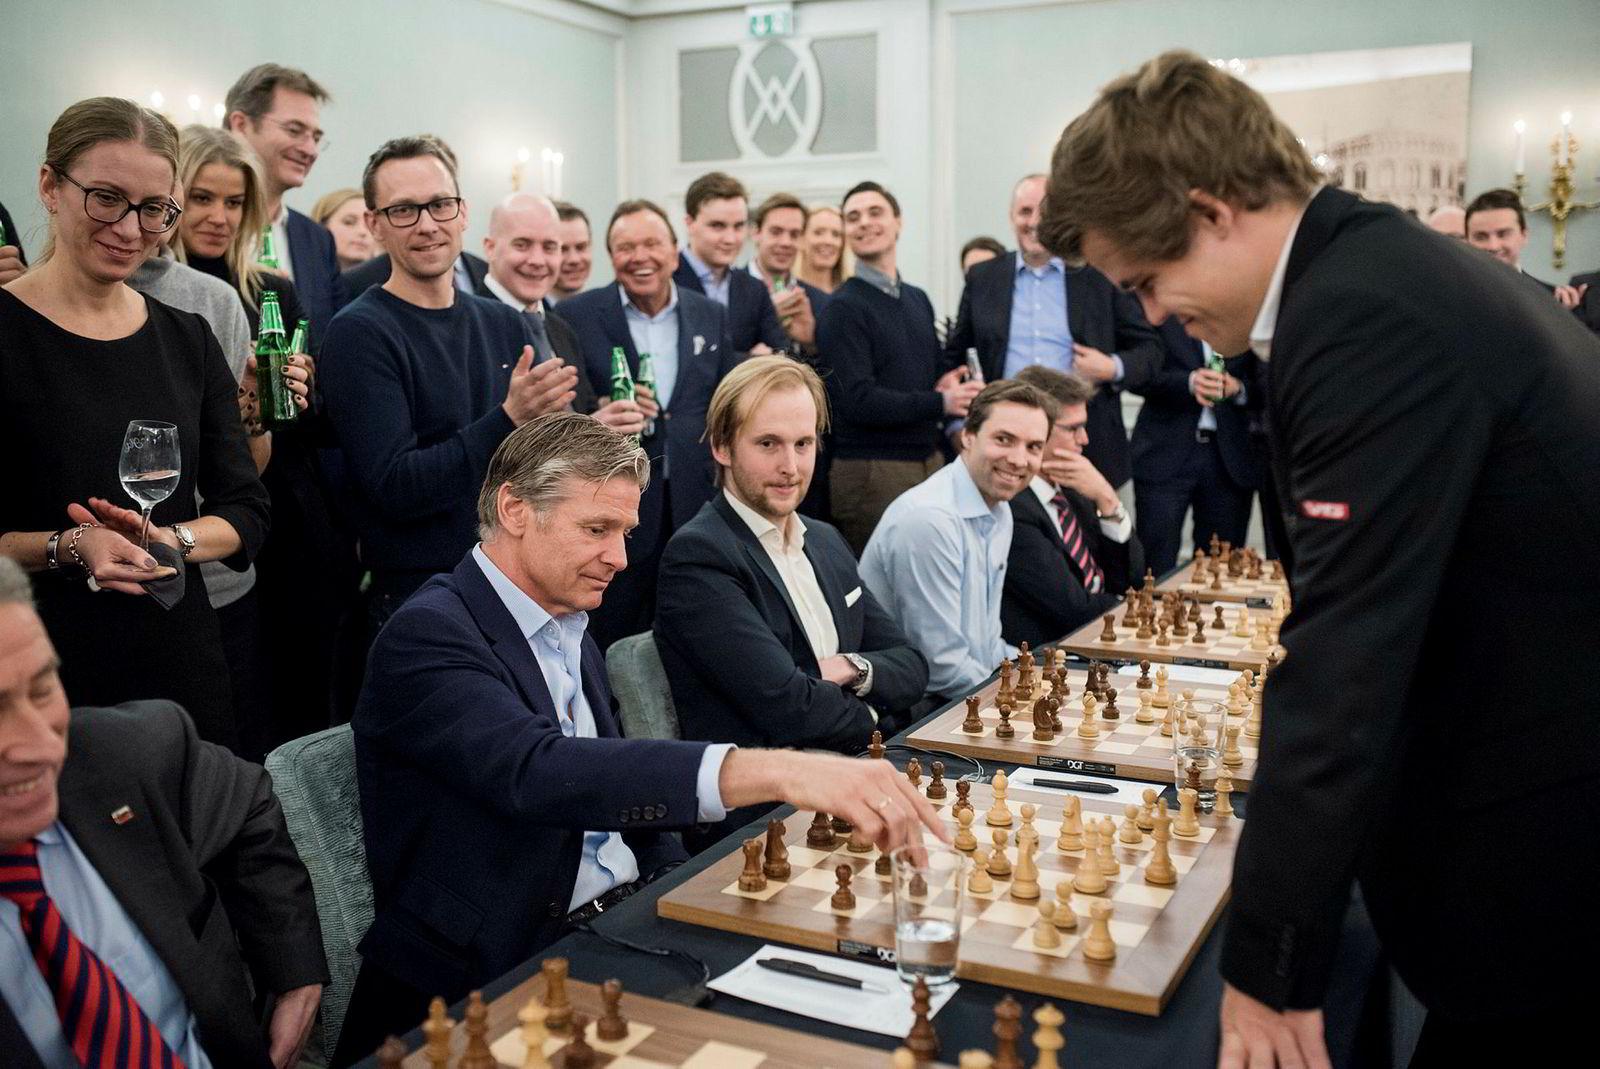 Eiendomsinvestor Edgar Haugen møtte verdensmester i sjakk Magnus Carlsen under et arrangement av Carlsens sponsor Arctic Security.